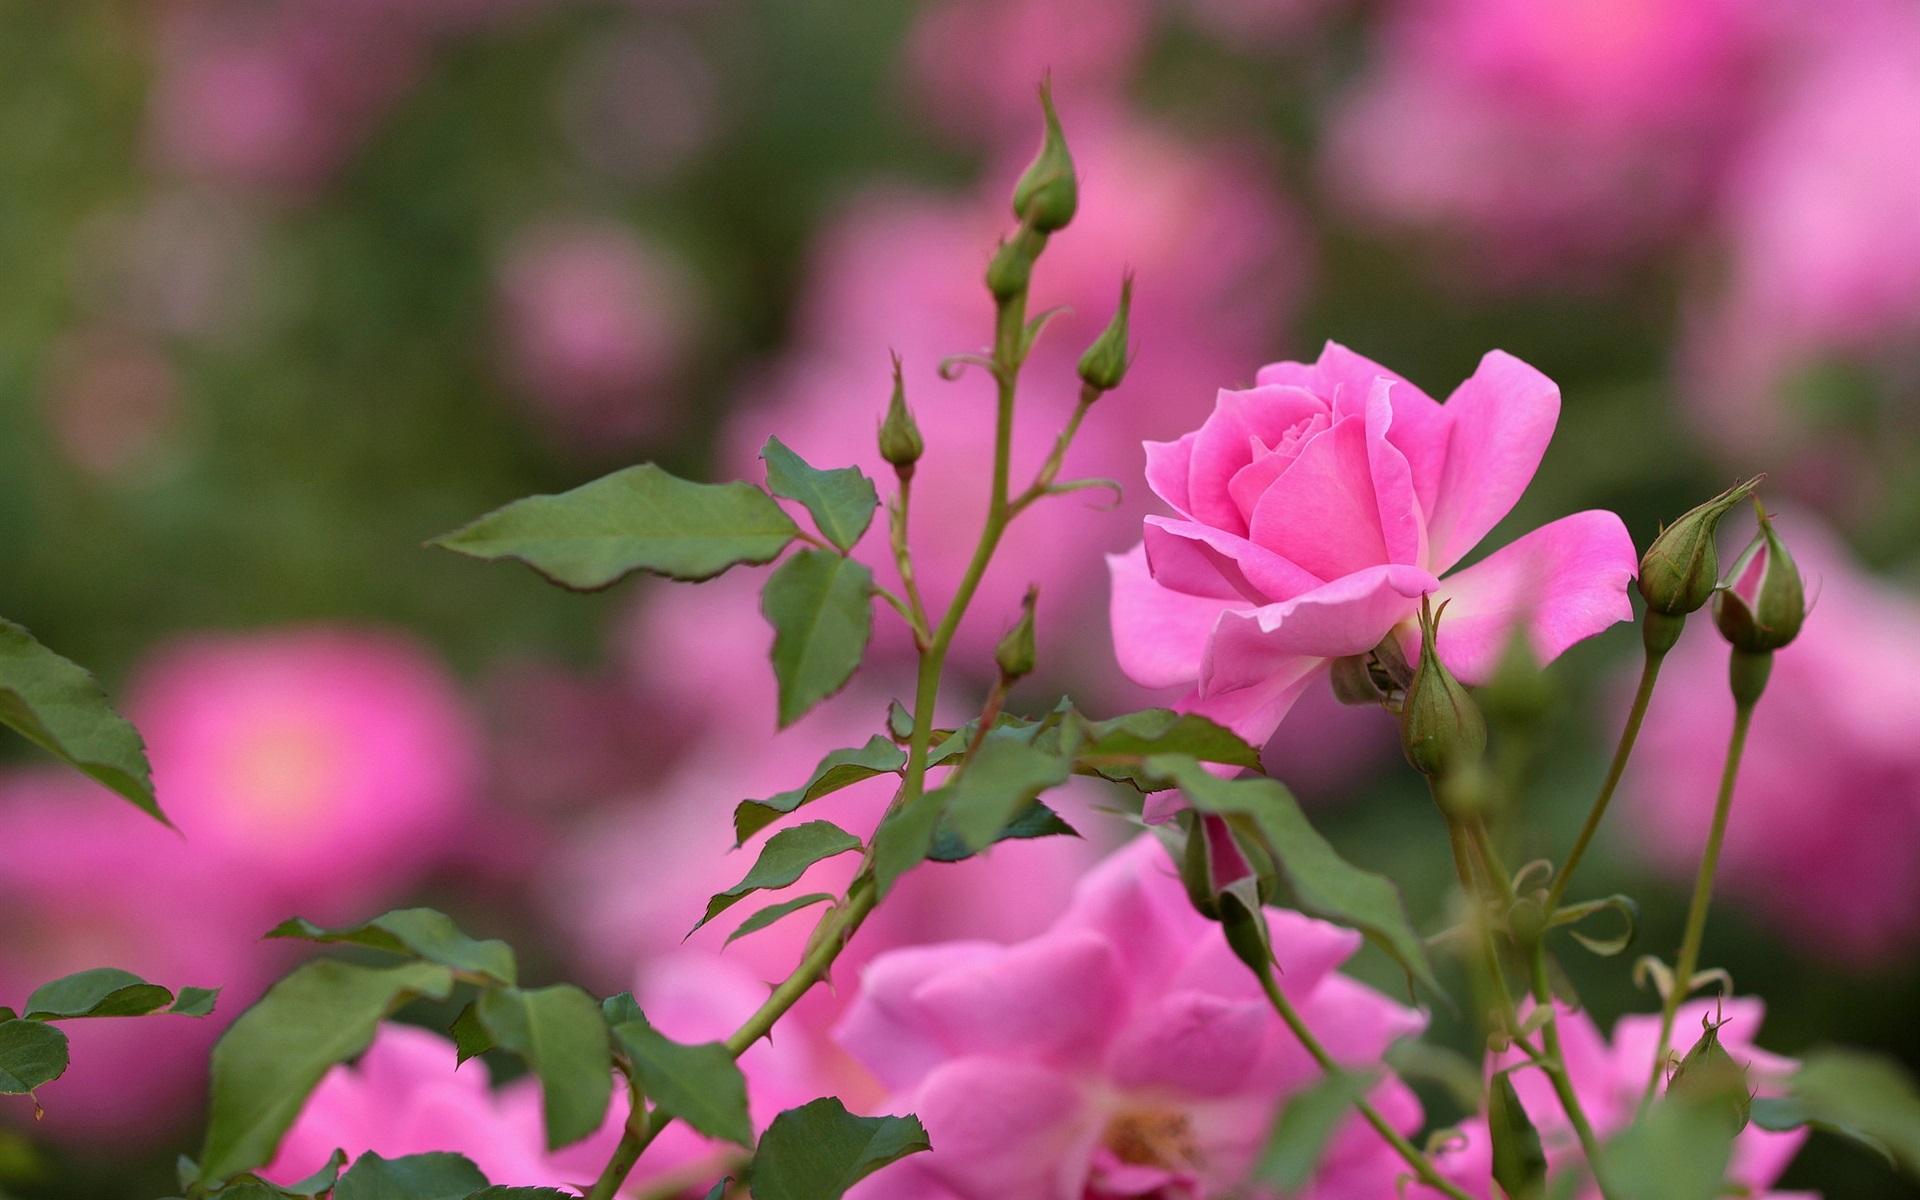 Картинки розово цветов высокого разрешения